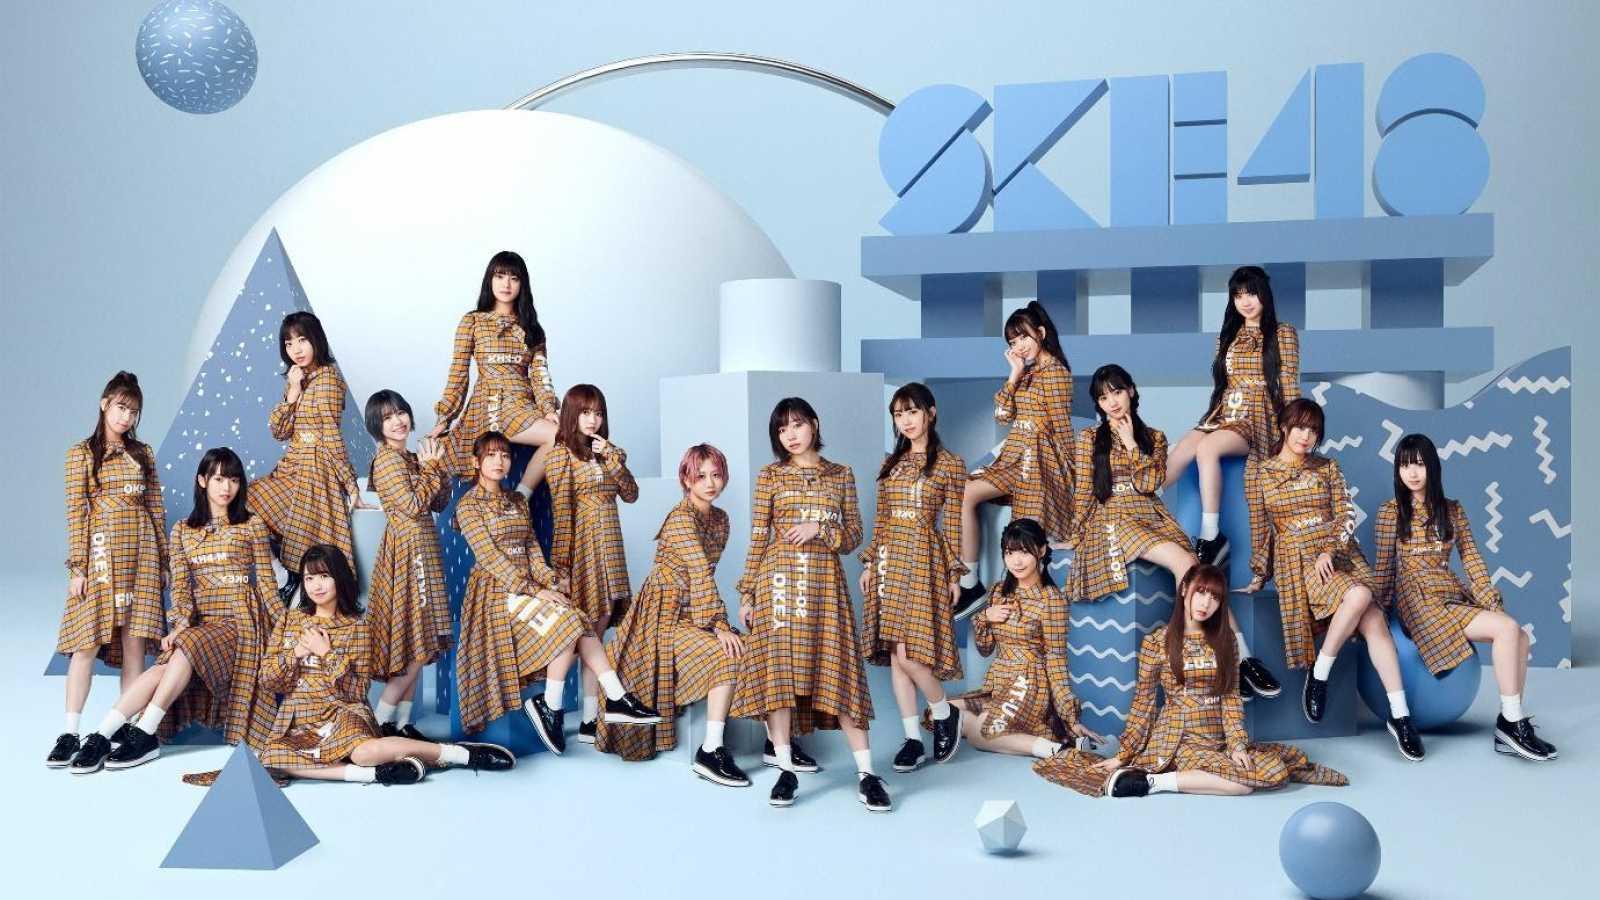 SKE48 © SKE48. All rights reserved.